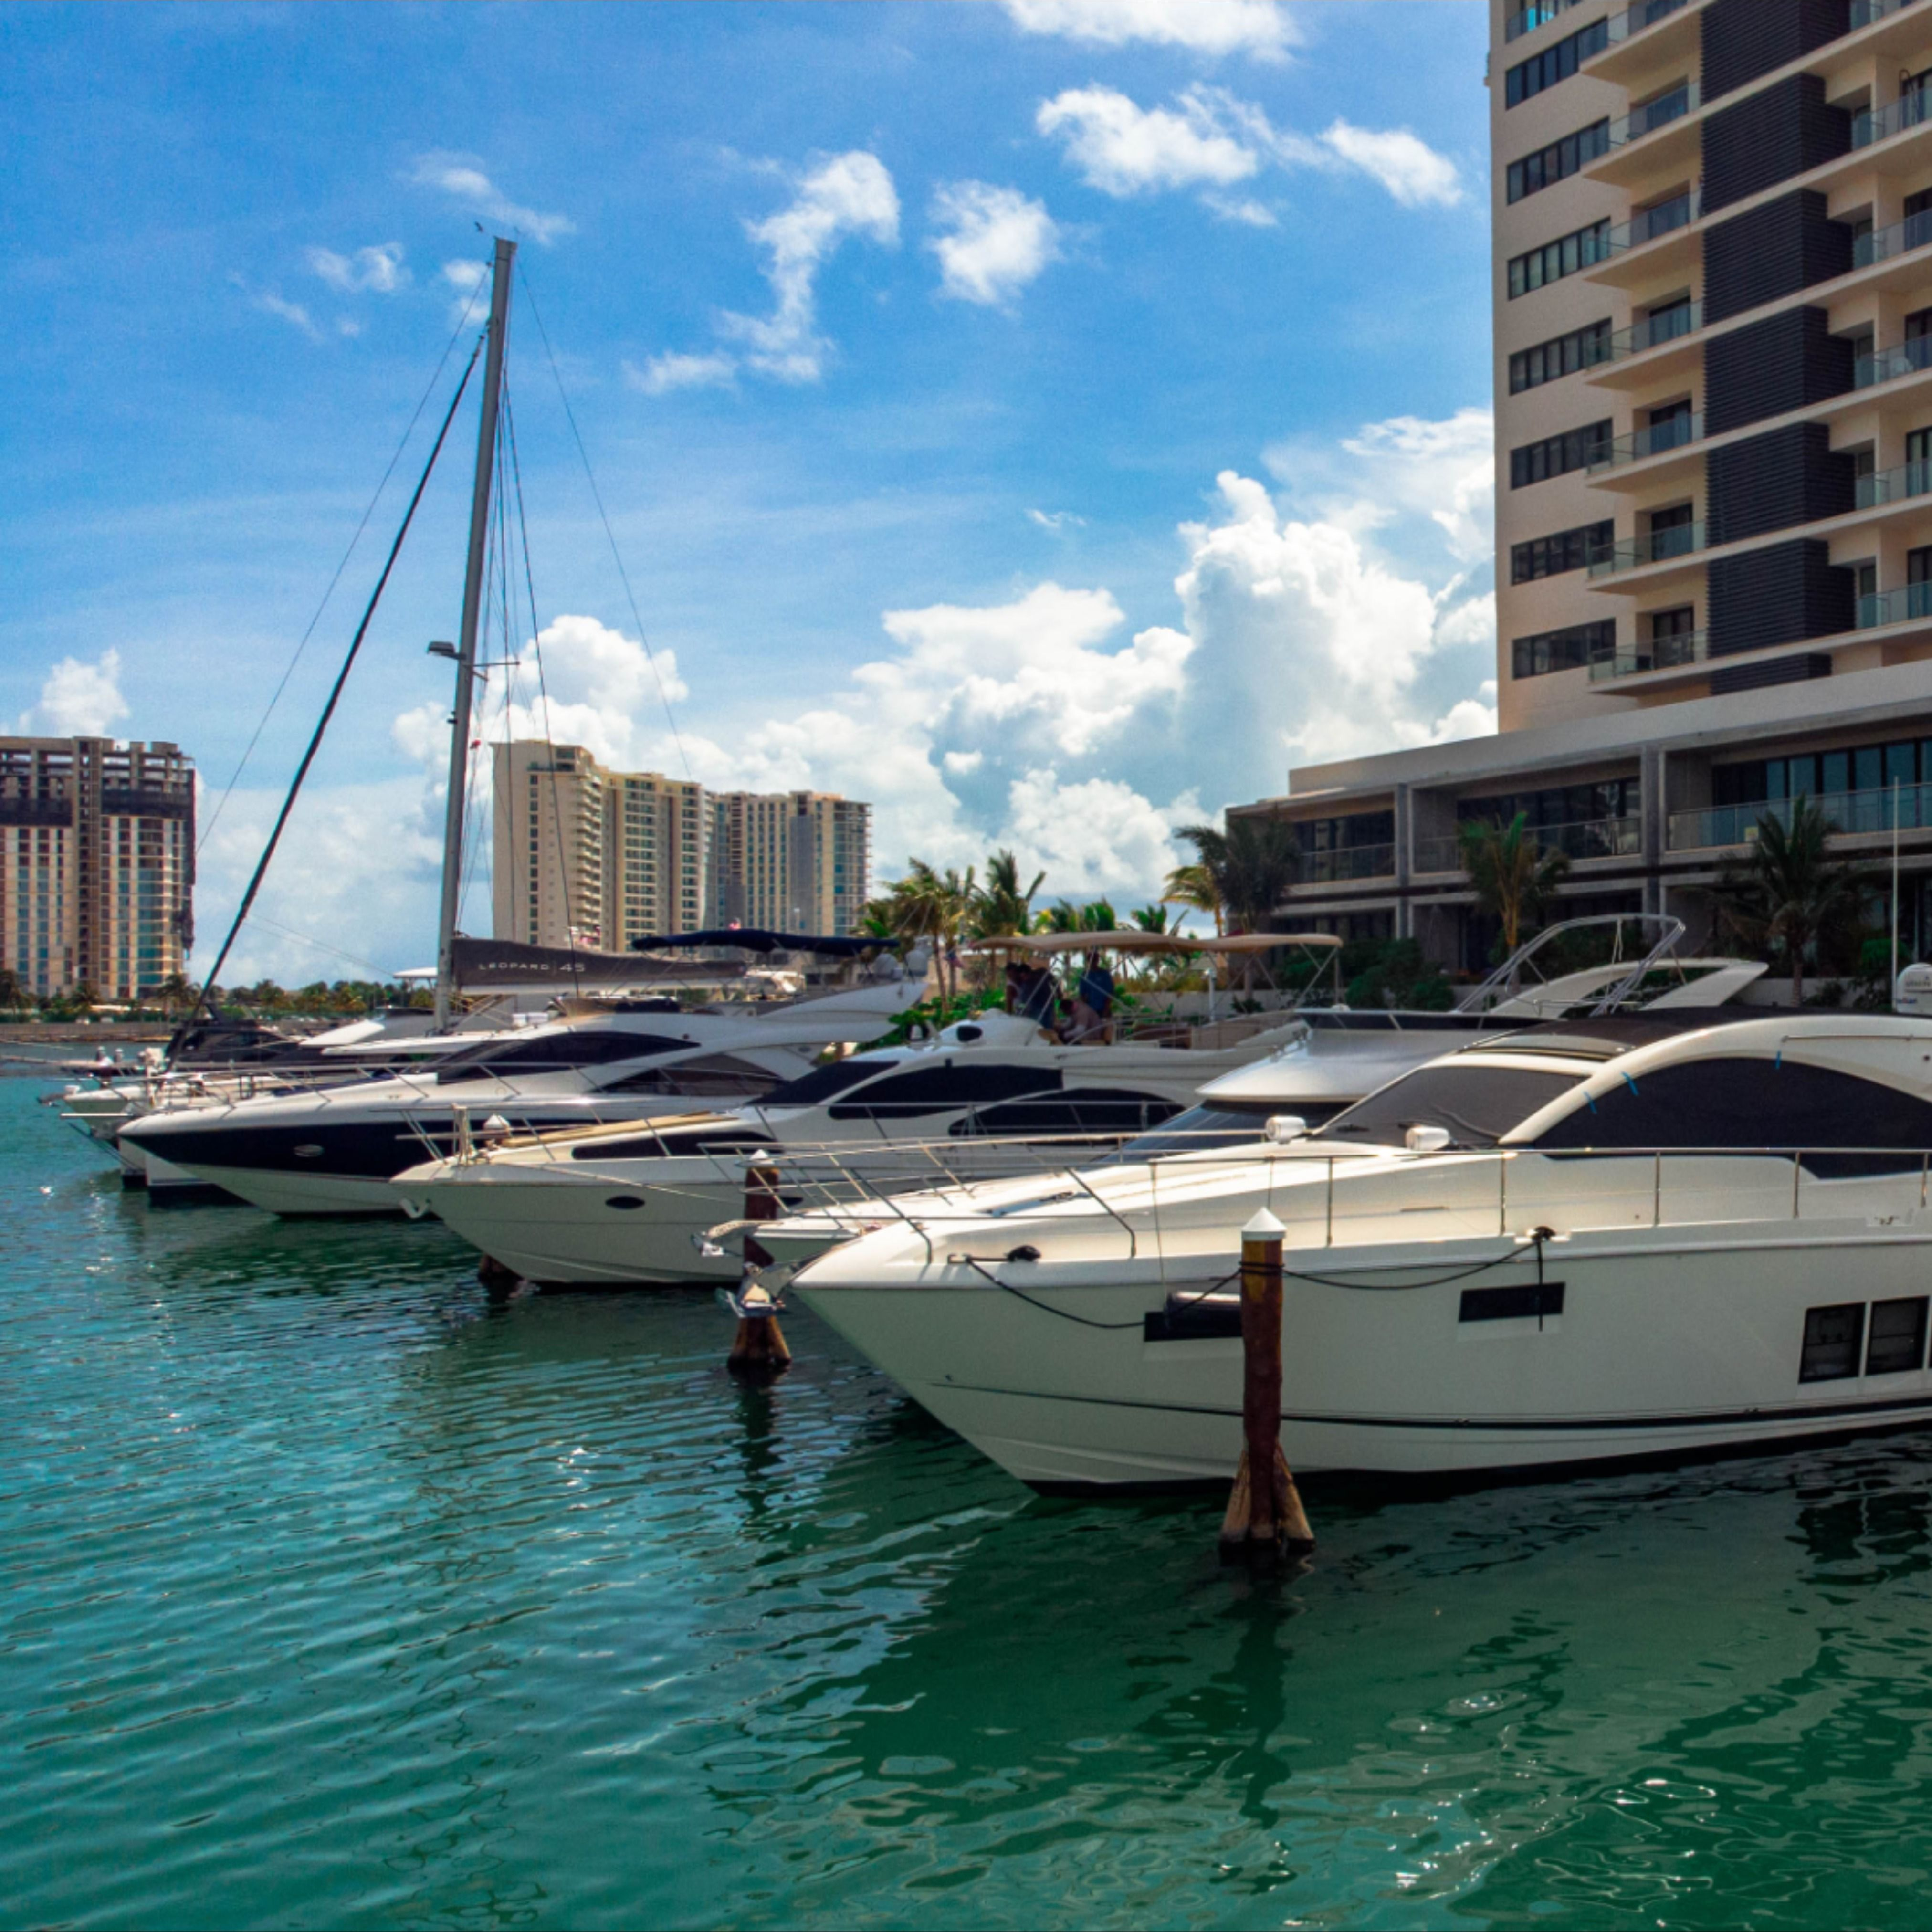 Las mejores embarcaciones en la Marina Muelle 7 Cancún, ven y cotiza con nosotros.